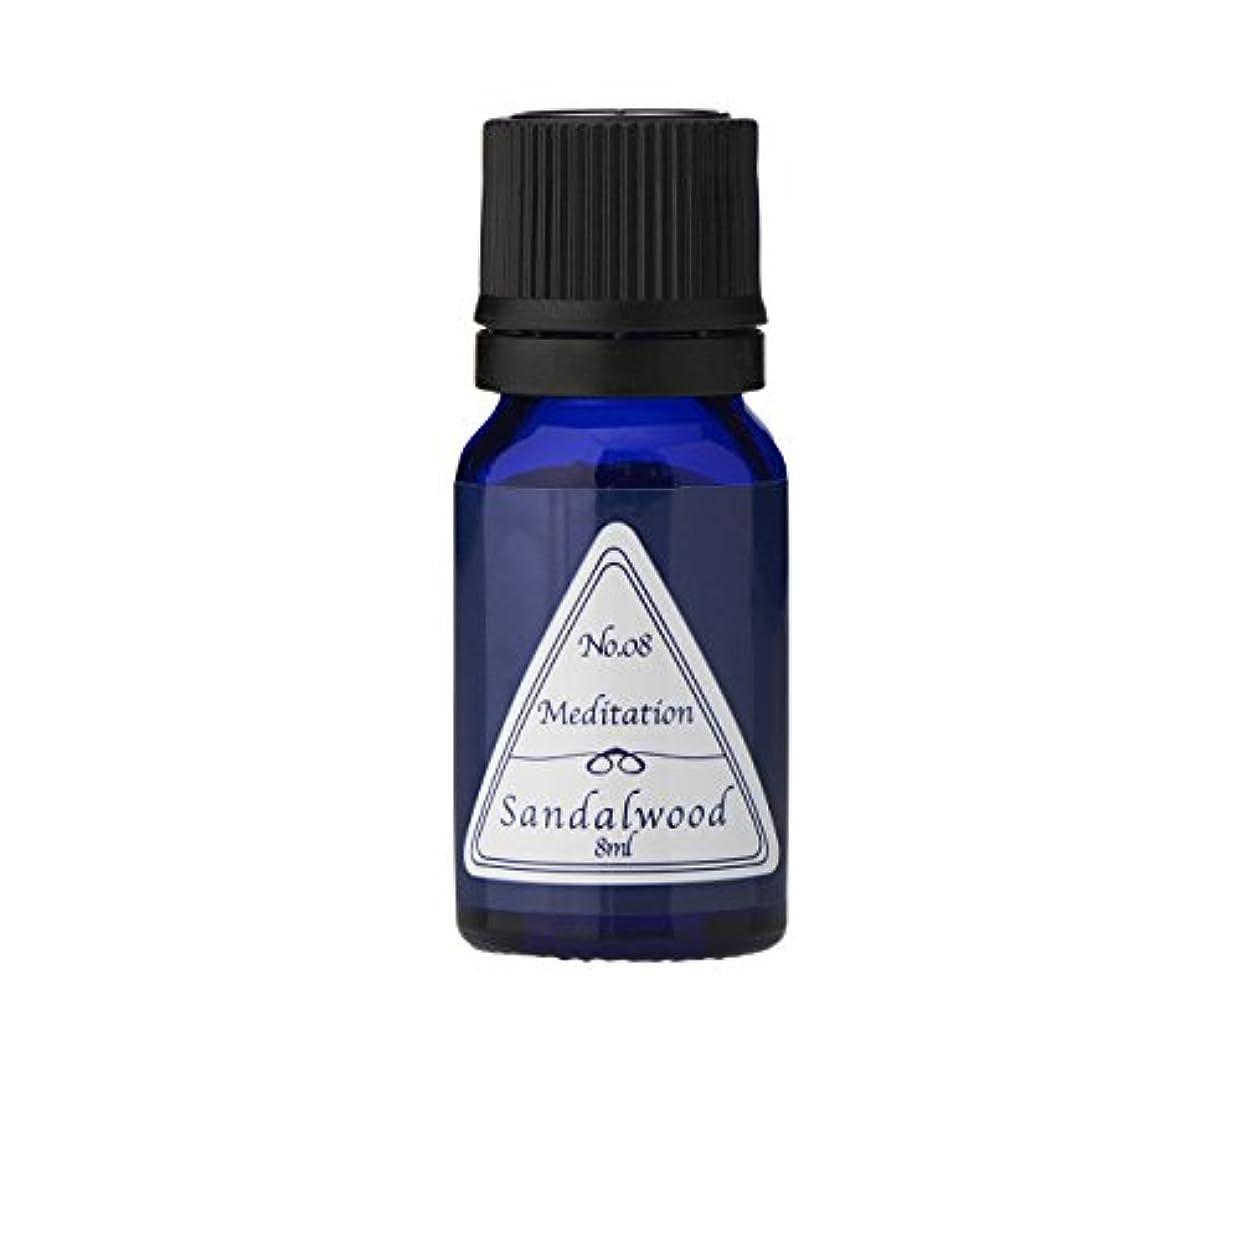 形式コンテンツ隔離ブルーラベル アロマエッセンス8ml サンダルウッド(アロマオイル 調合香料 芳香用)